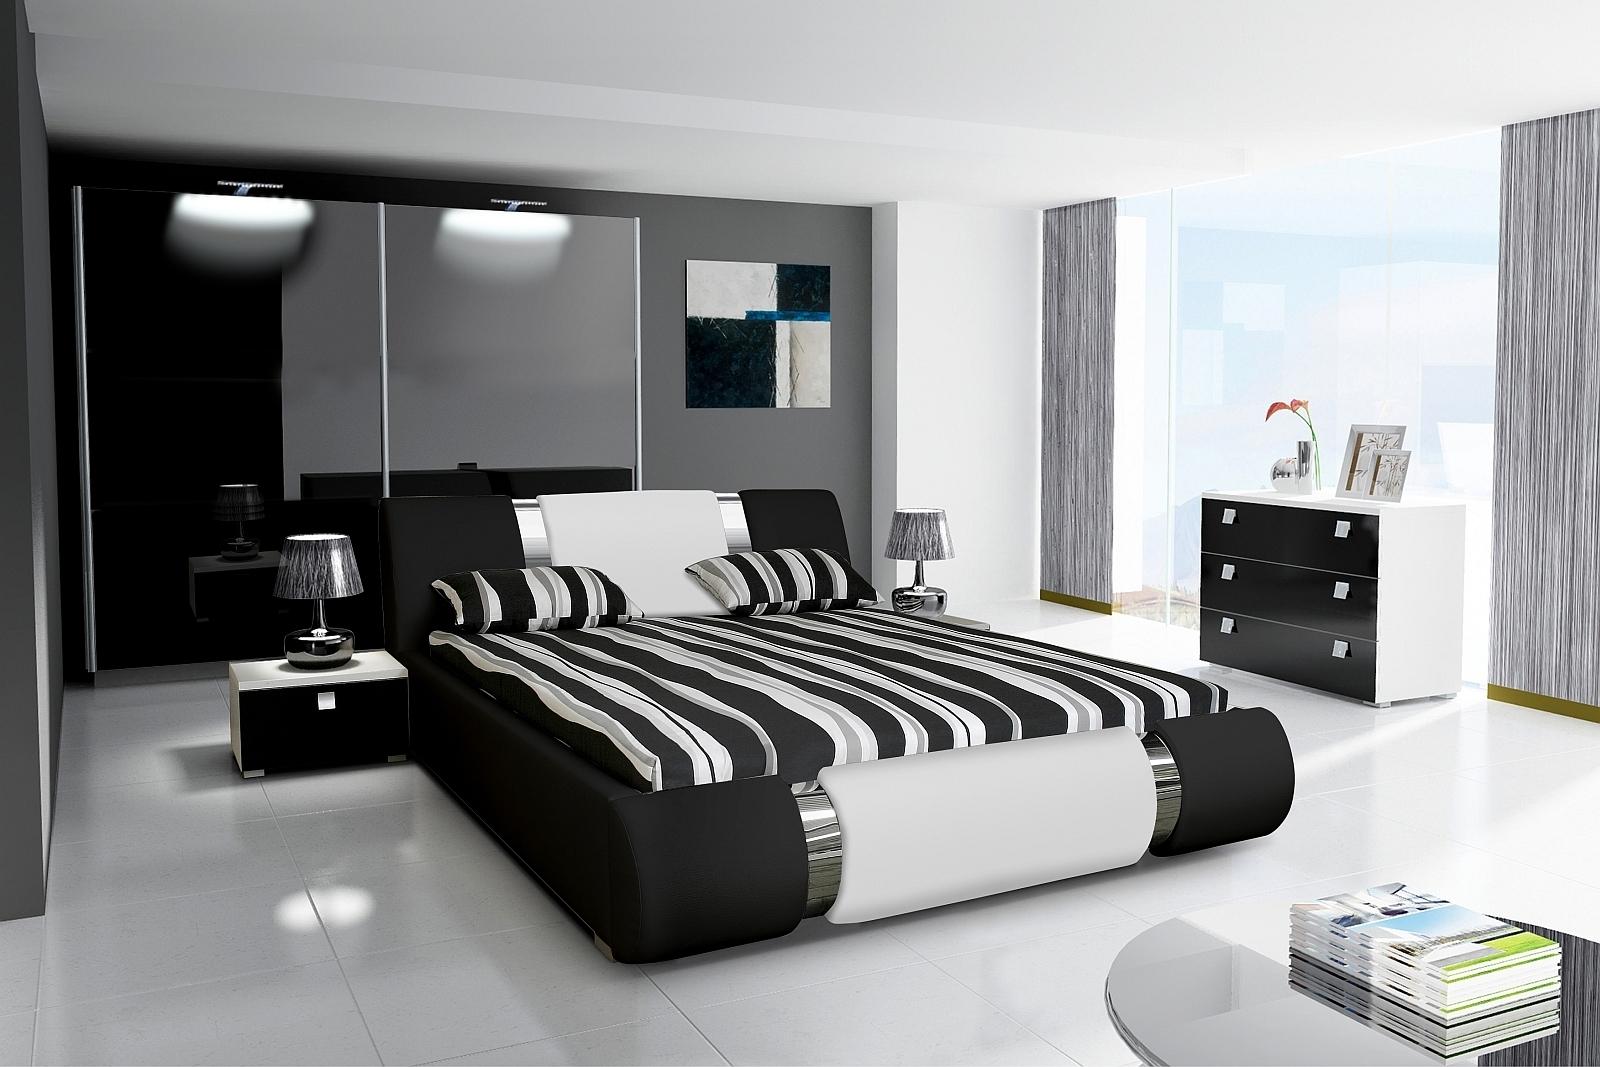 Schlafzimmer Komplett Guenstig | Bnbnews.co Komplettes Schlafzimmer Gunstig